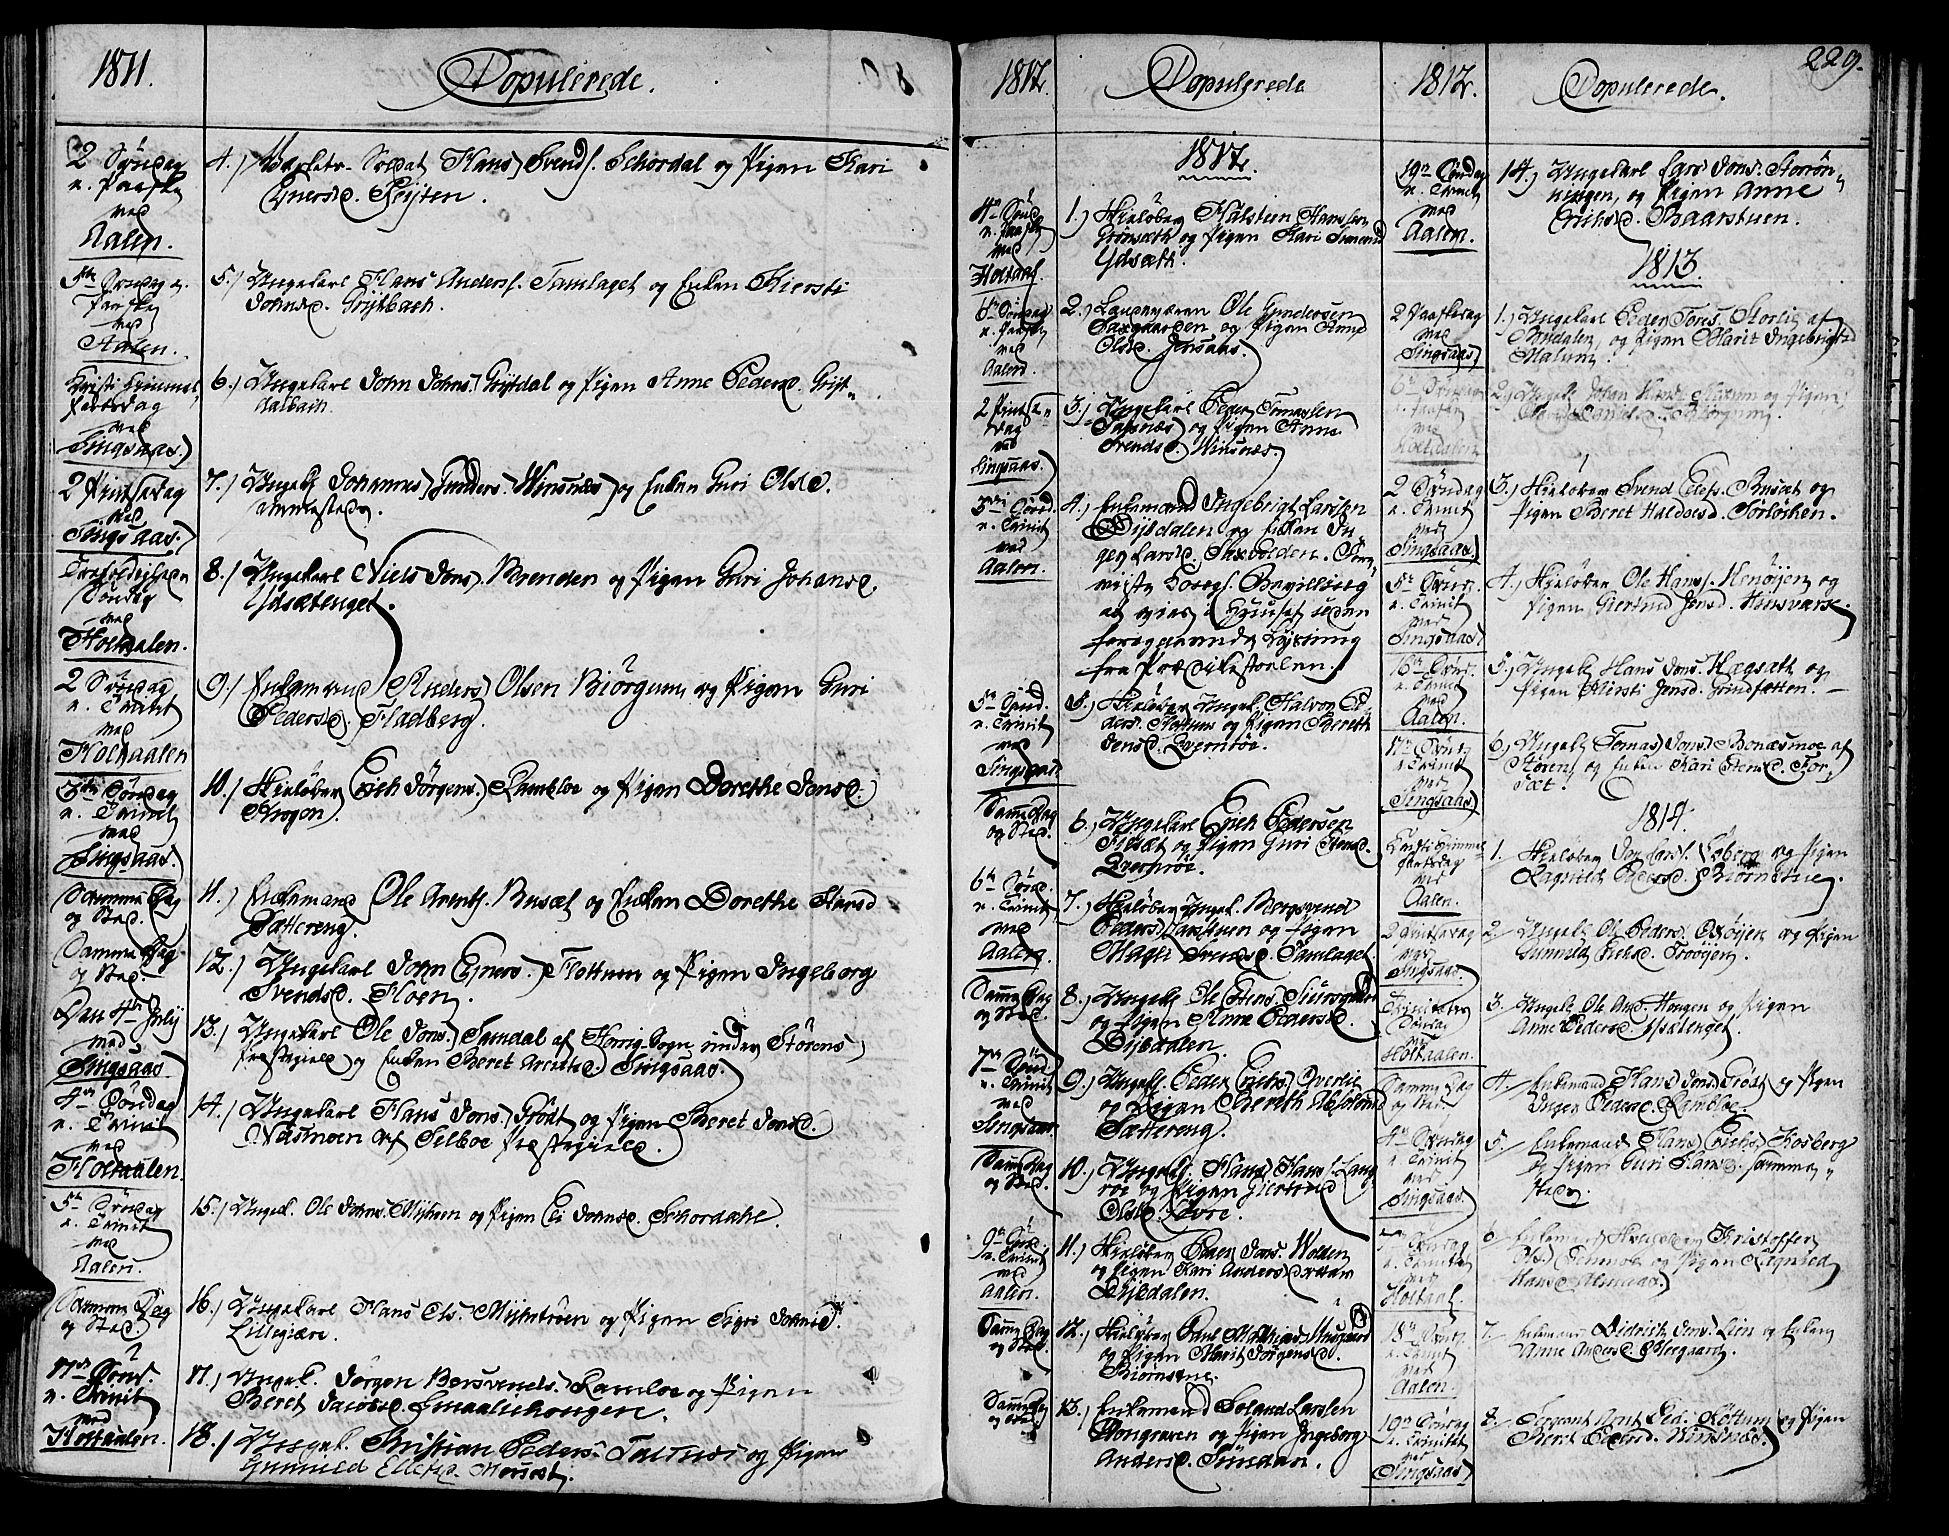 SAT, Ministerialprotokoller, klokkerbøker og fødselsregistre - Sør-Trøndelag, 685/L0953: Ministerialbok nr. 685A02, 1805-1816, s. 229